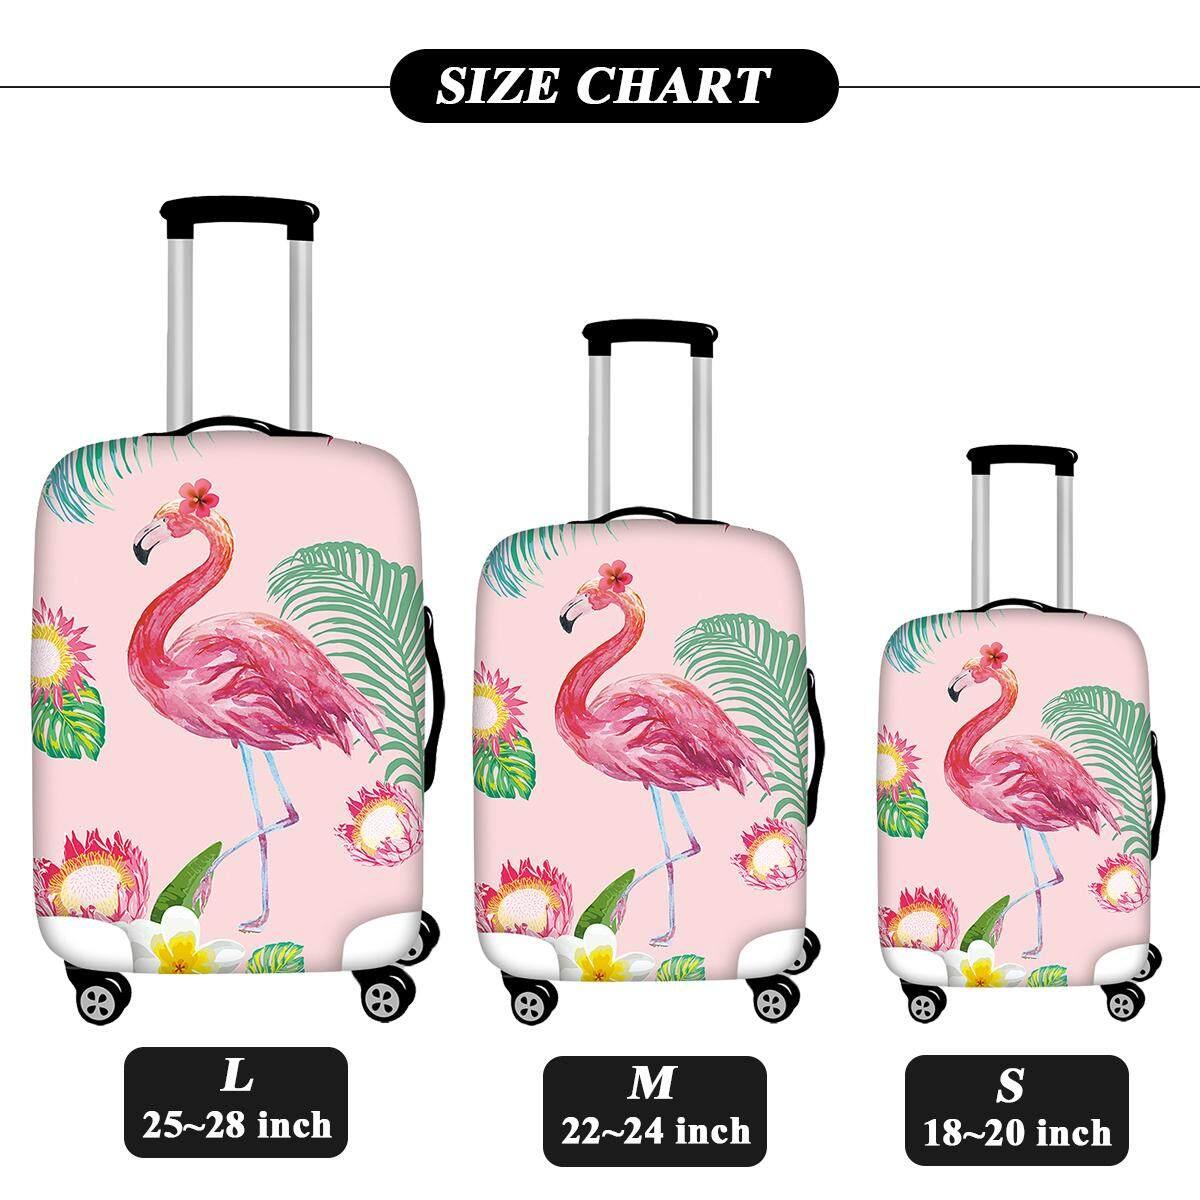 Fitur Premium Sarung Koper Elastis Luggage Cover Elastic Pelindung Ito 22 Travel Trendy Pink Flamingo Women Girls Decor Suitcase Covers Case